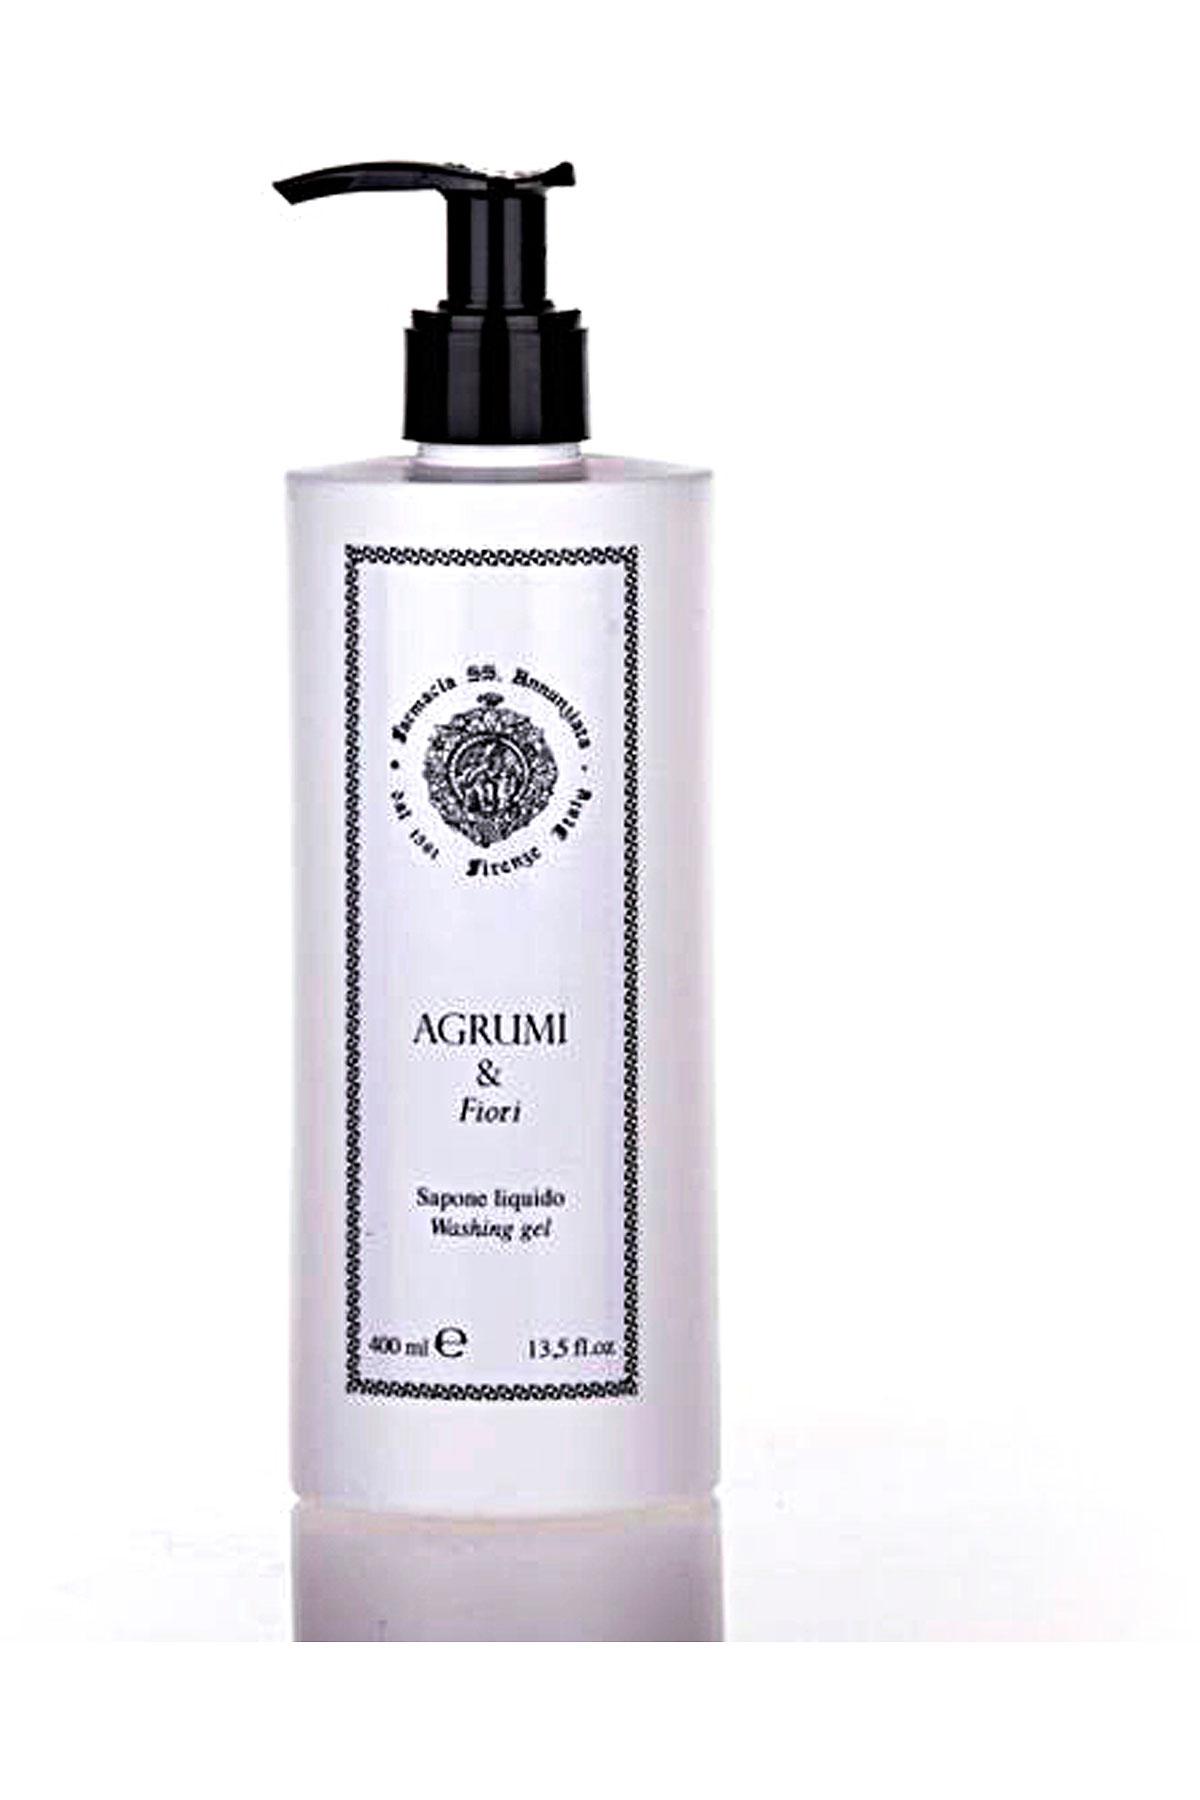 Farmacia Ss Annunziata 1561 Beauty for Women On Sale, Agrumi E Fiori - Liquid Soap - 400 Ml, 2019, 400 ml